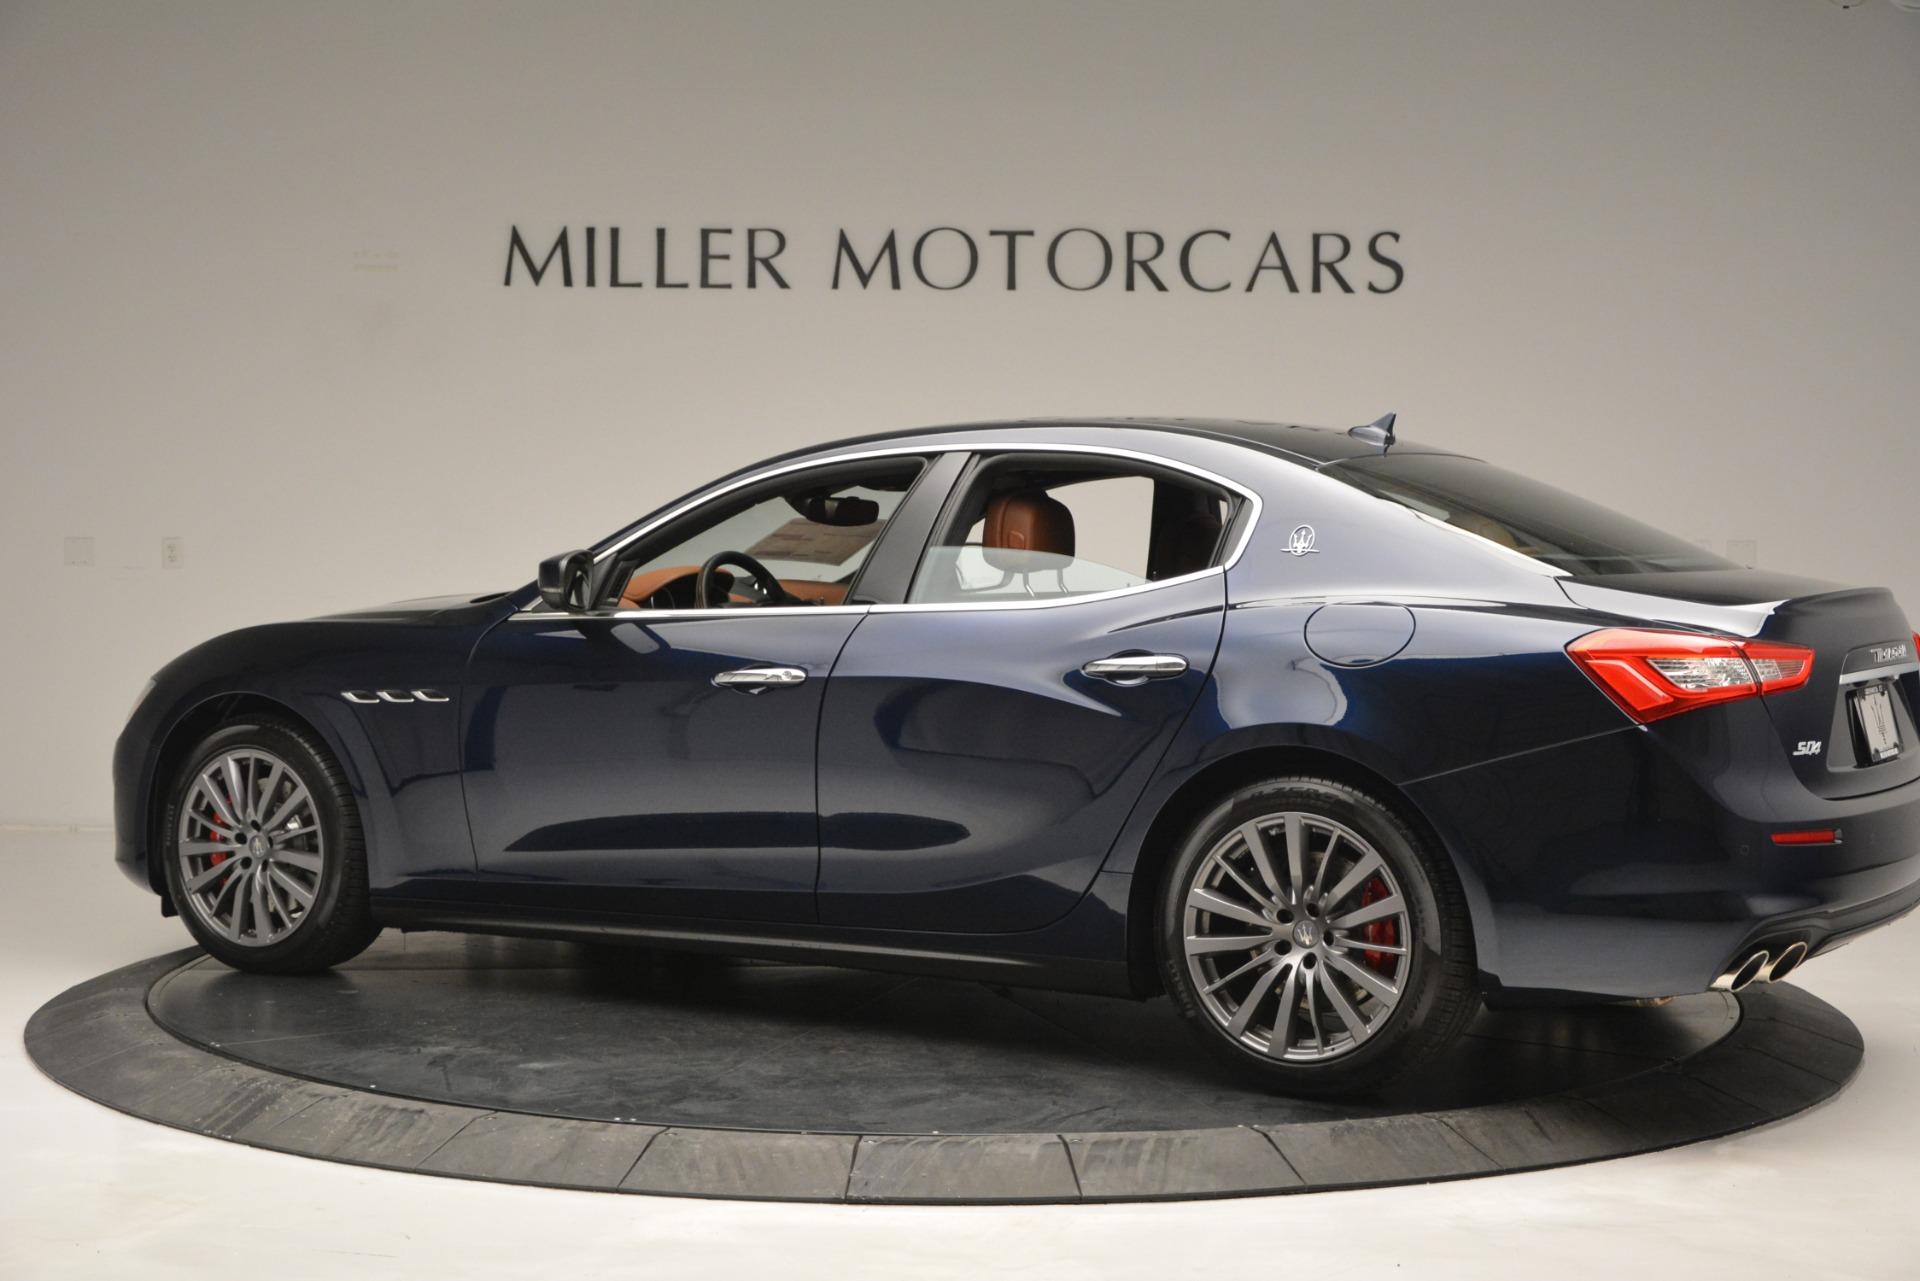 New 2019 Maserati Ghibli S Q4 For Sale In Greenwich, CT. Alfa Romeo of Greenwich, M2243 2796_p4